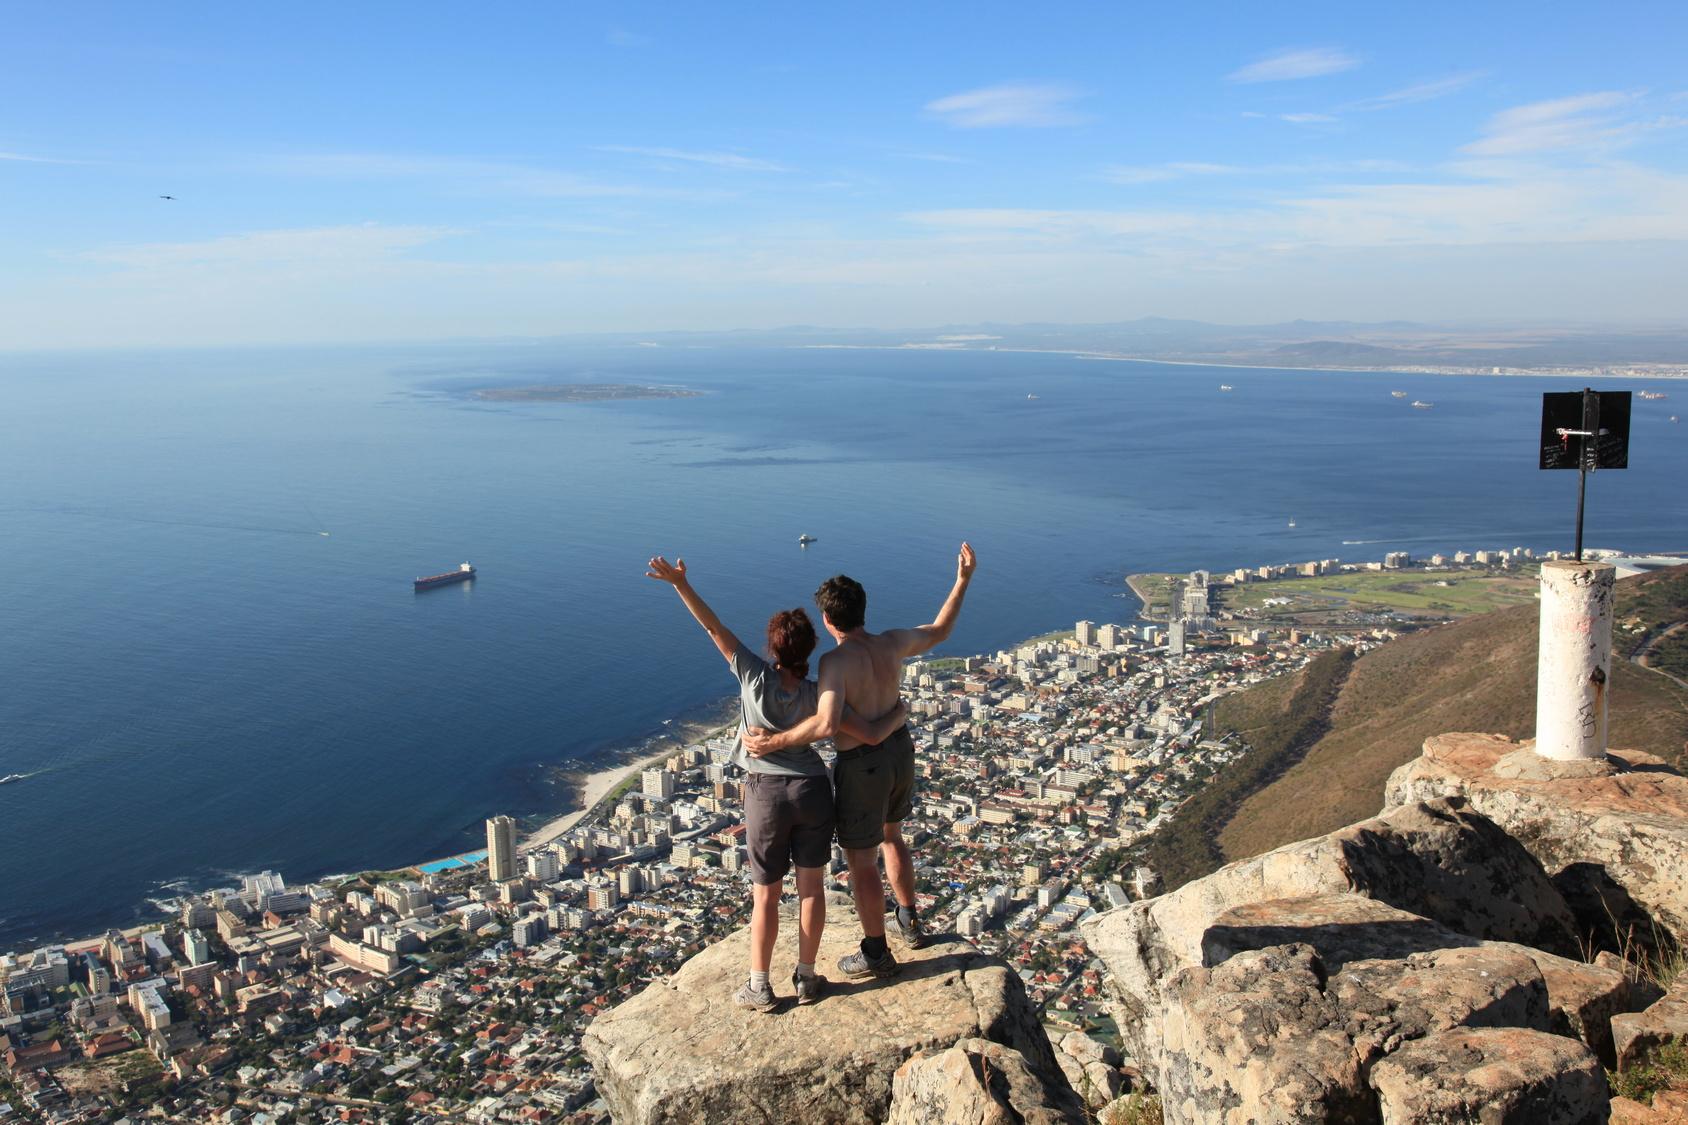 Inhalt des Artikels ist das Sonnenparadies Kapstadt.